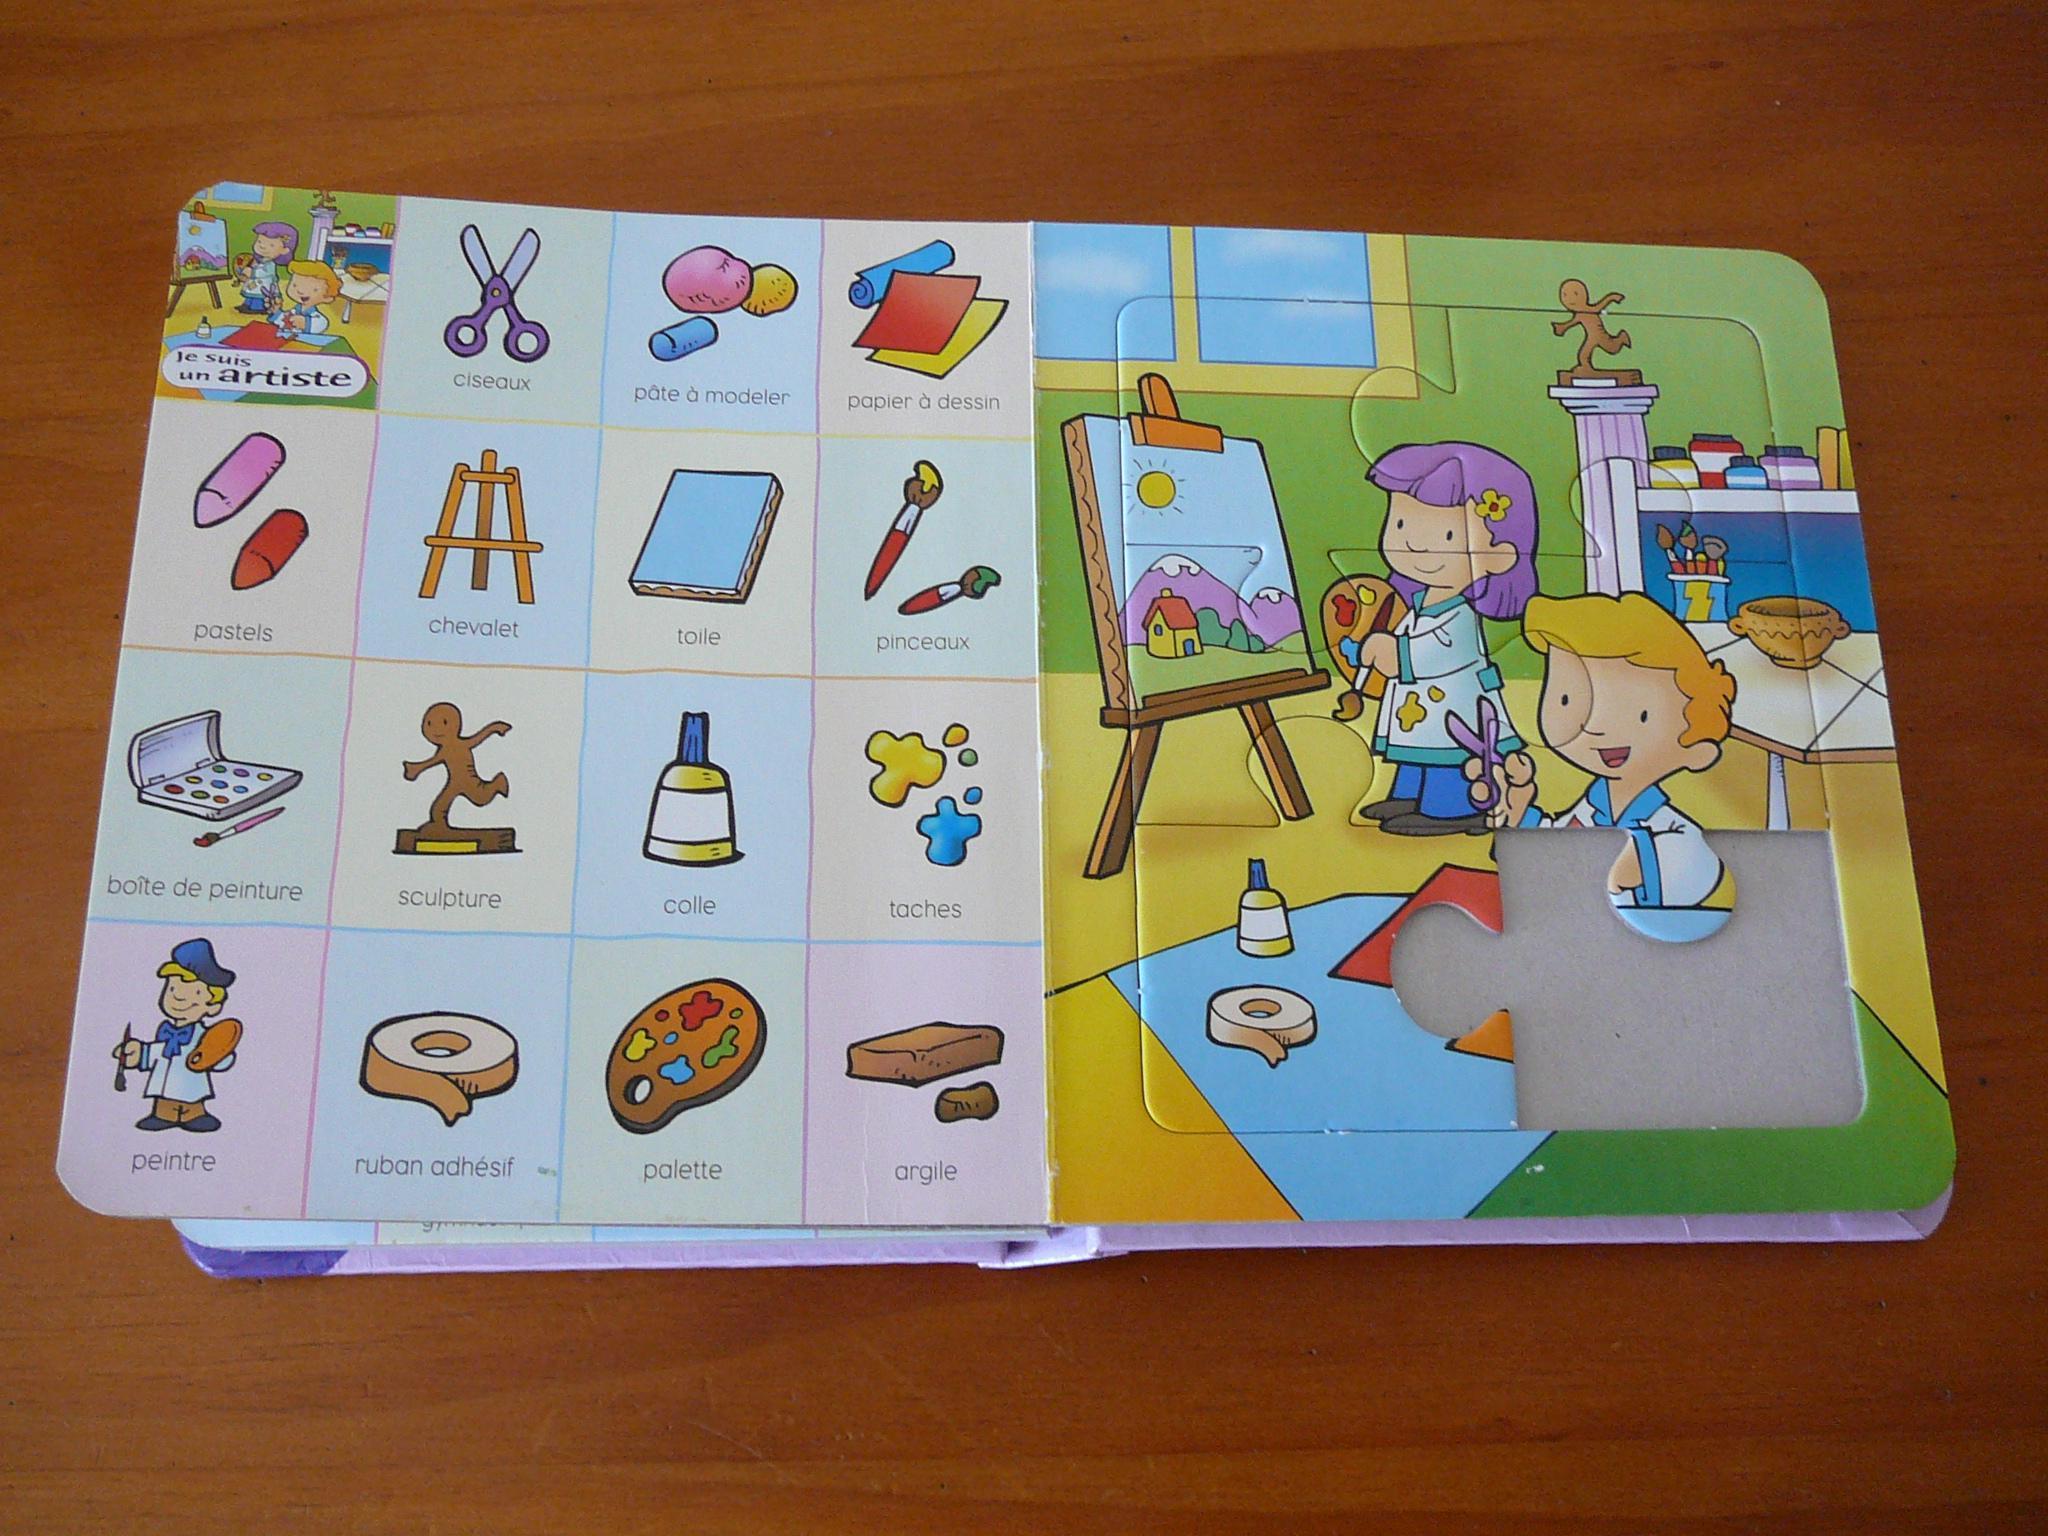 troc de troc livre imagier et puzzles image 2